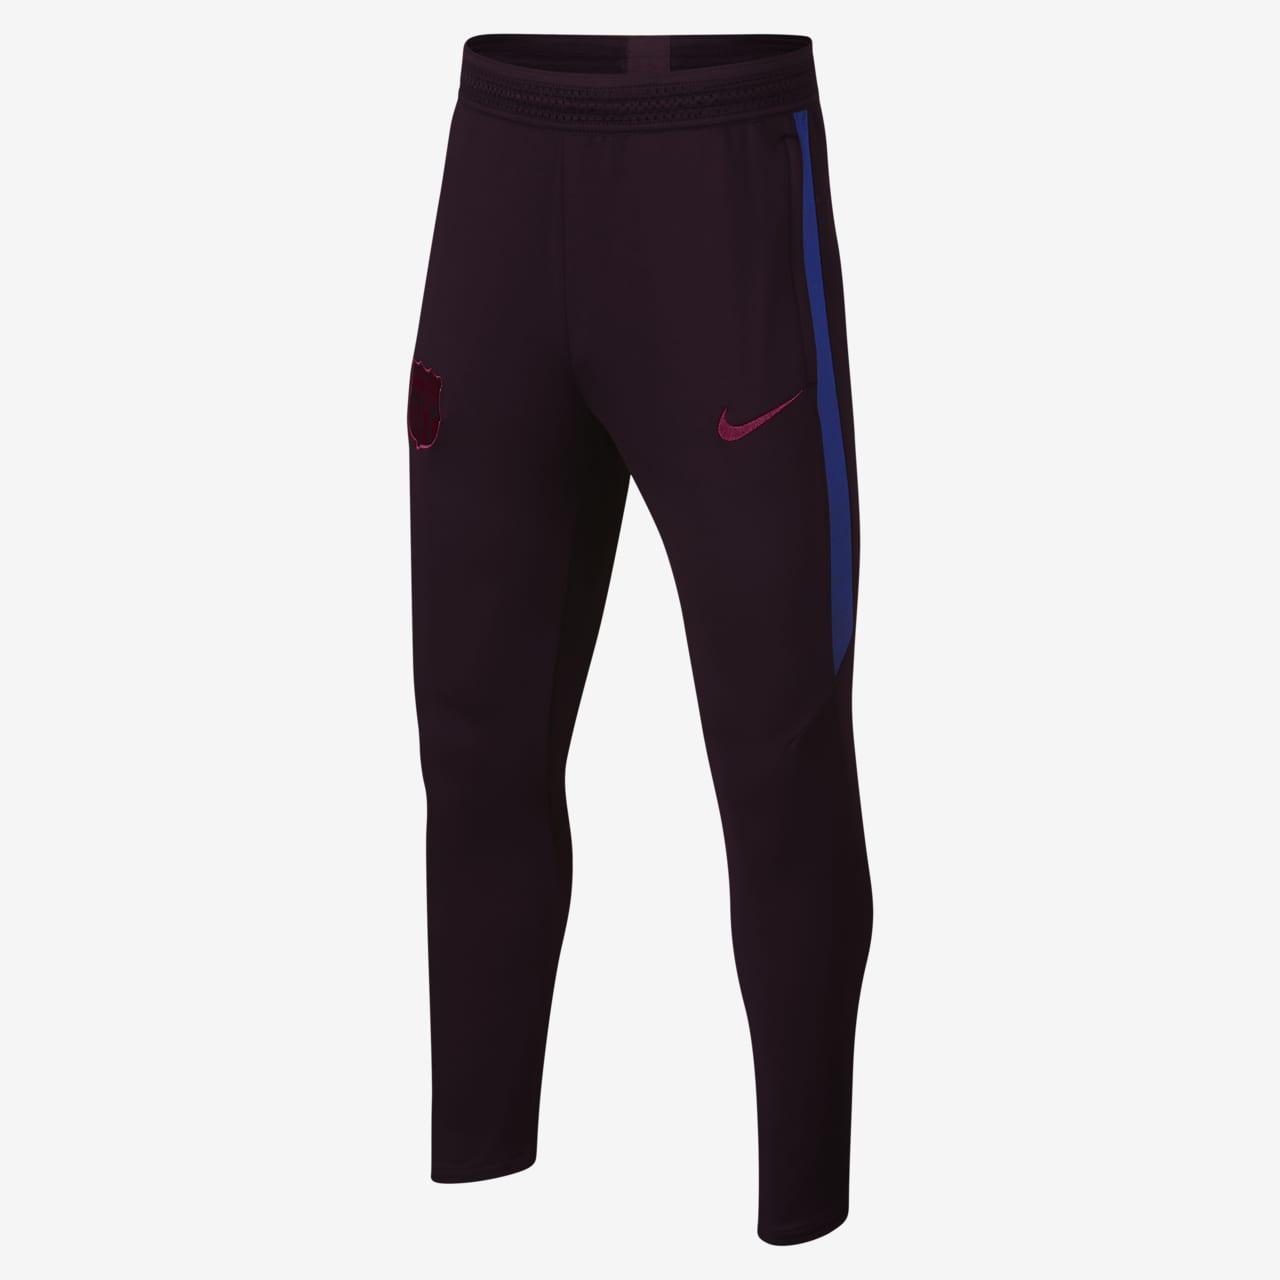 Ποδοσφαιρικό παντελόνι Nike Dri-FIT FC Barcelona Strike για μεγάλα παιδιά